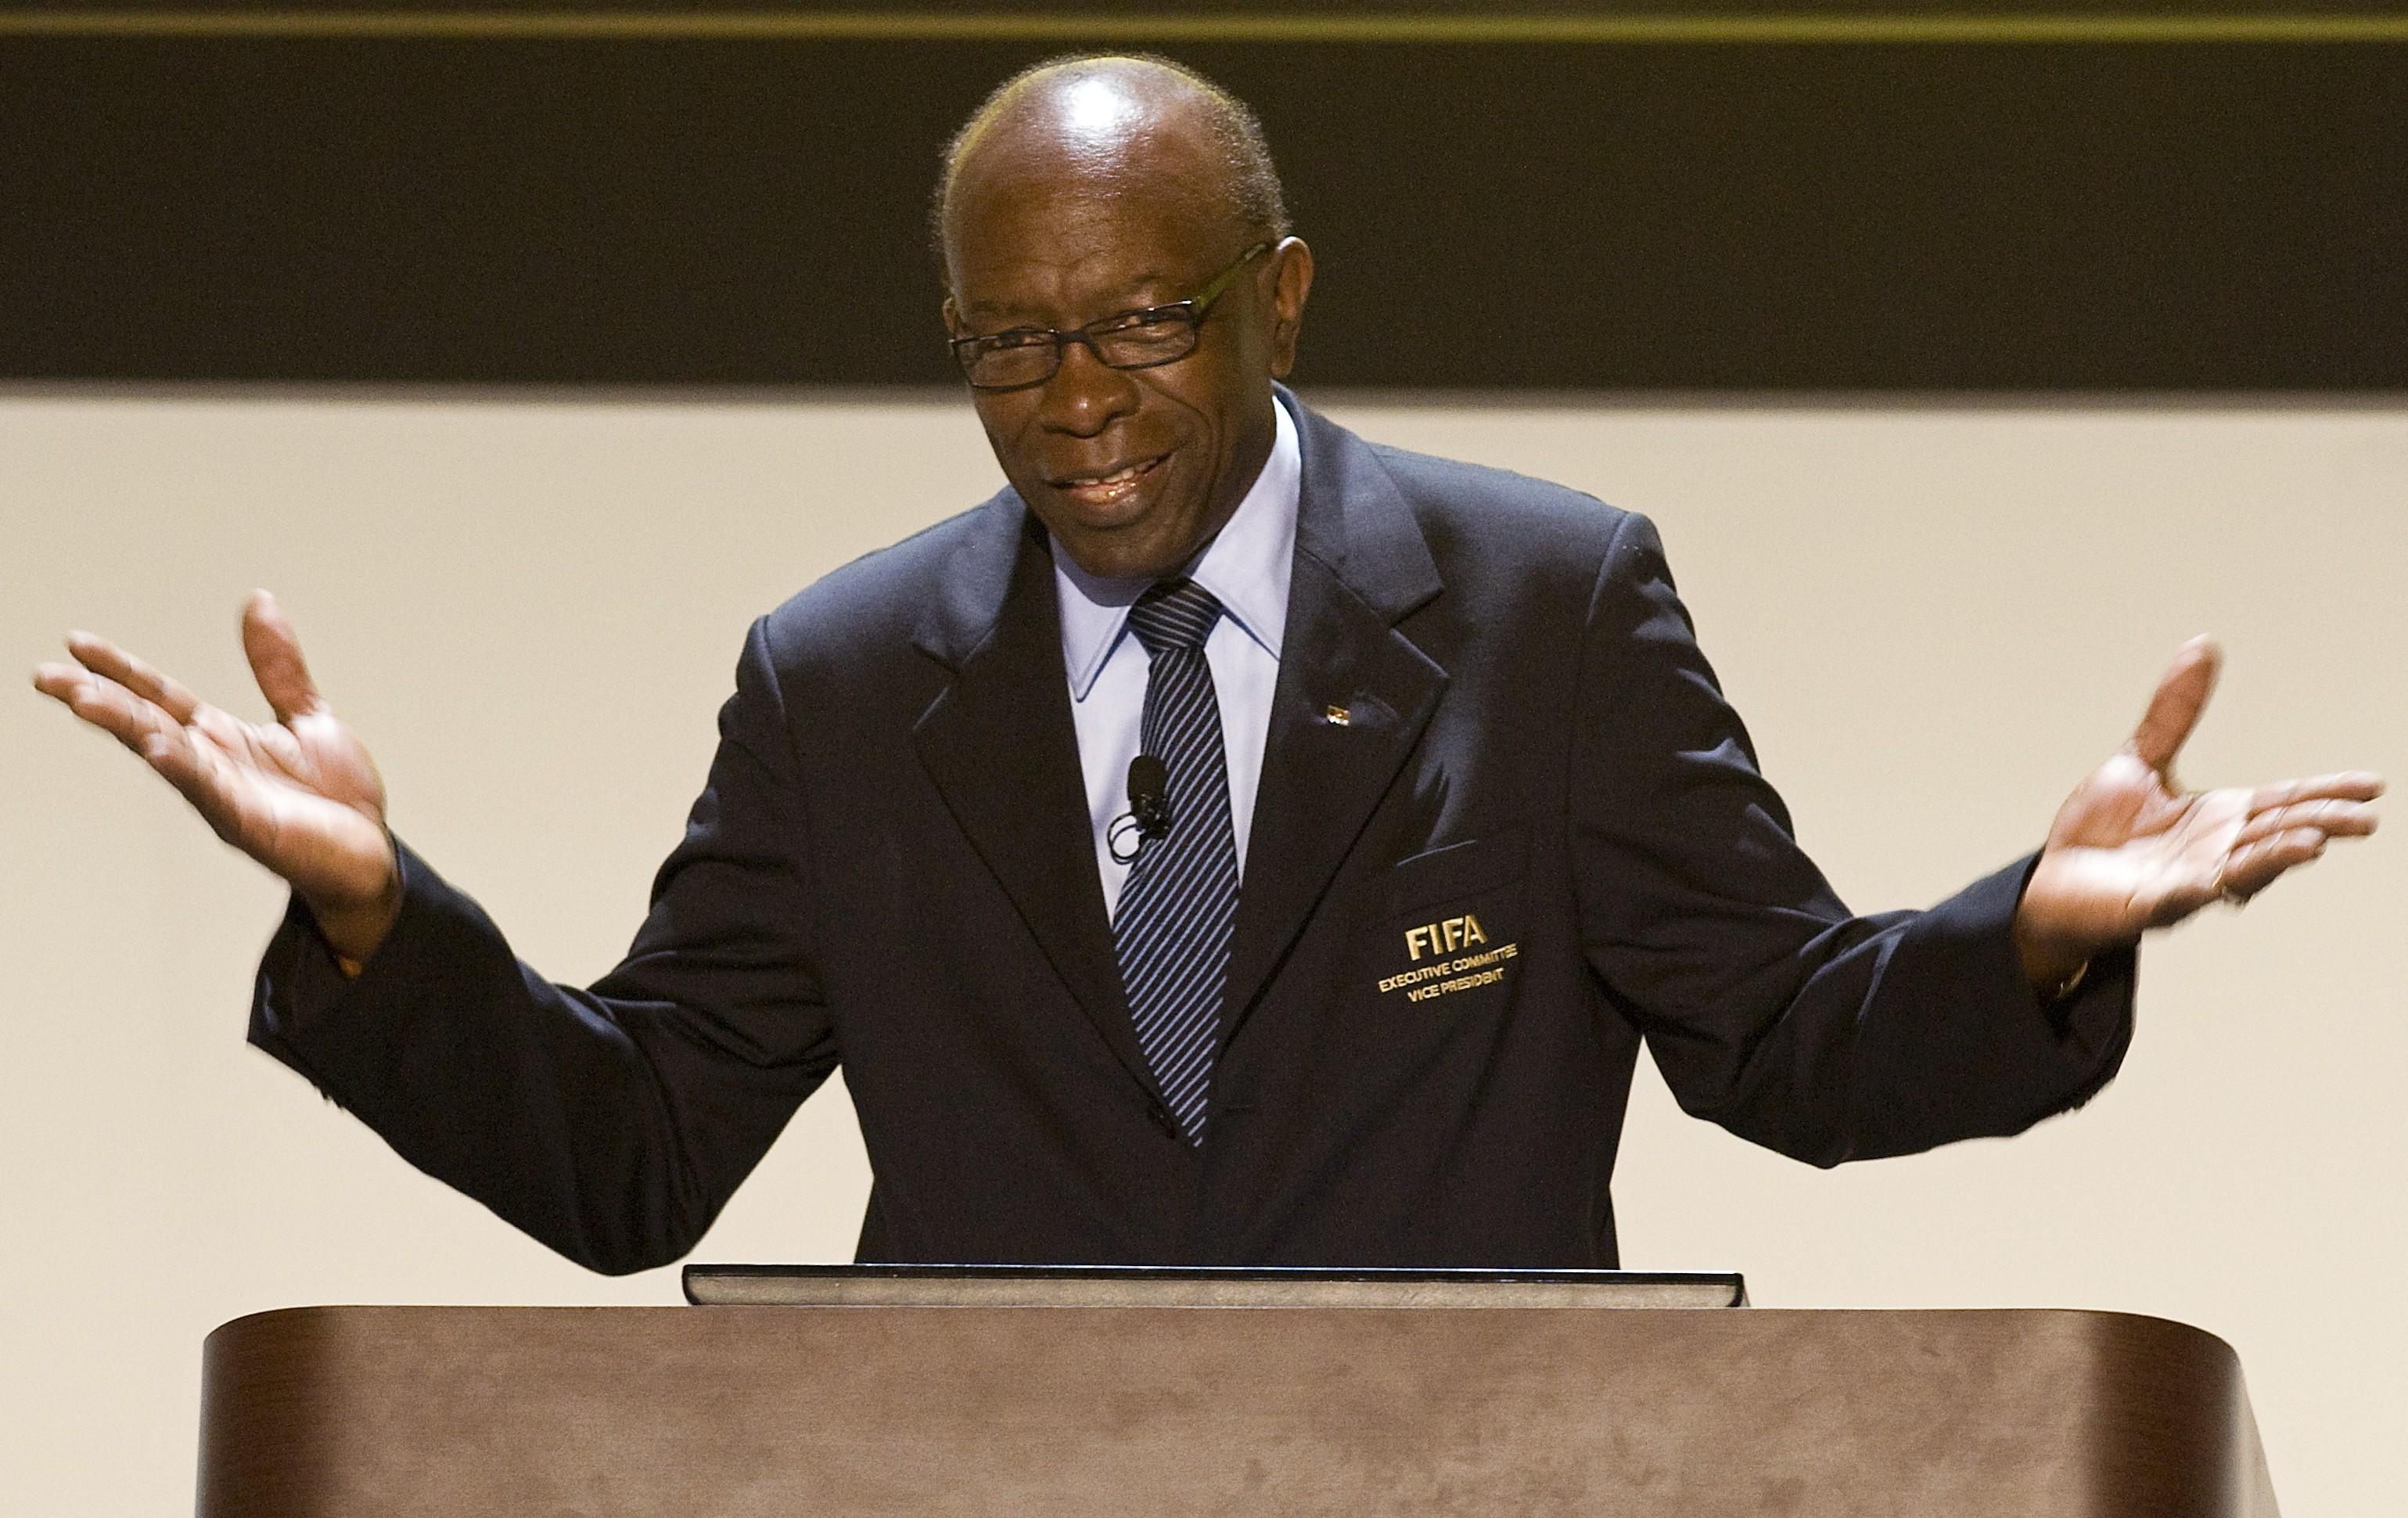 Jack Warner, de Trinidad y Tobago, ex miembro del comité y antecesor de Webb en la presidencia de la Concacaf. (LUIS ACOSTA/AFP/Getty Images)